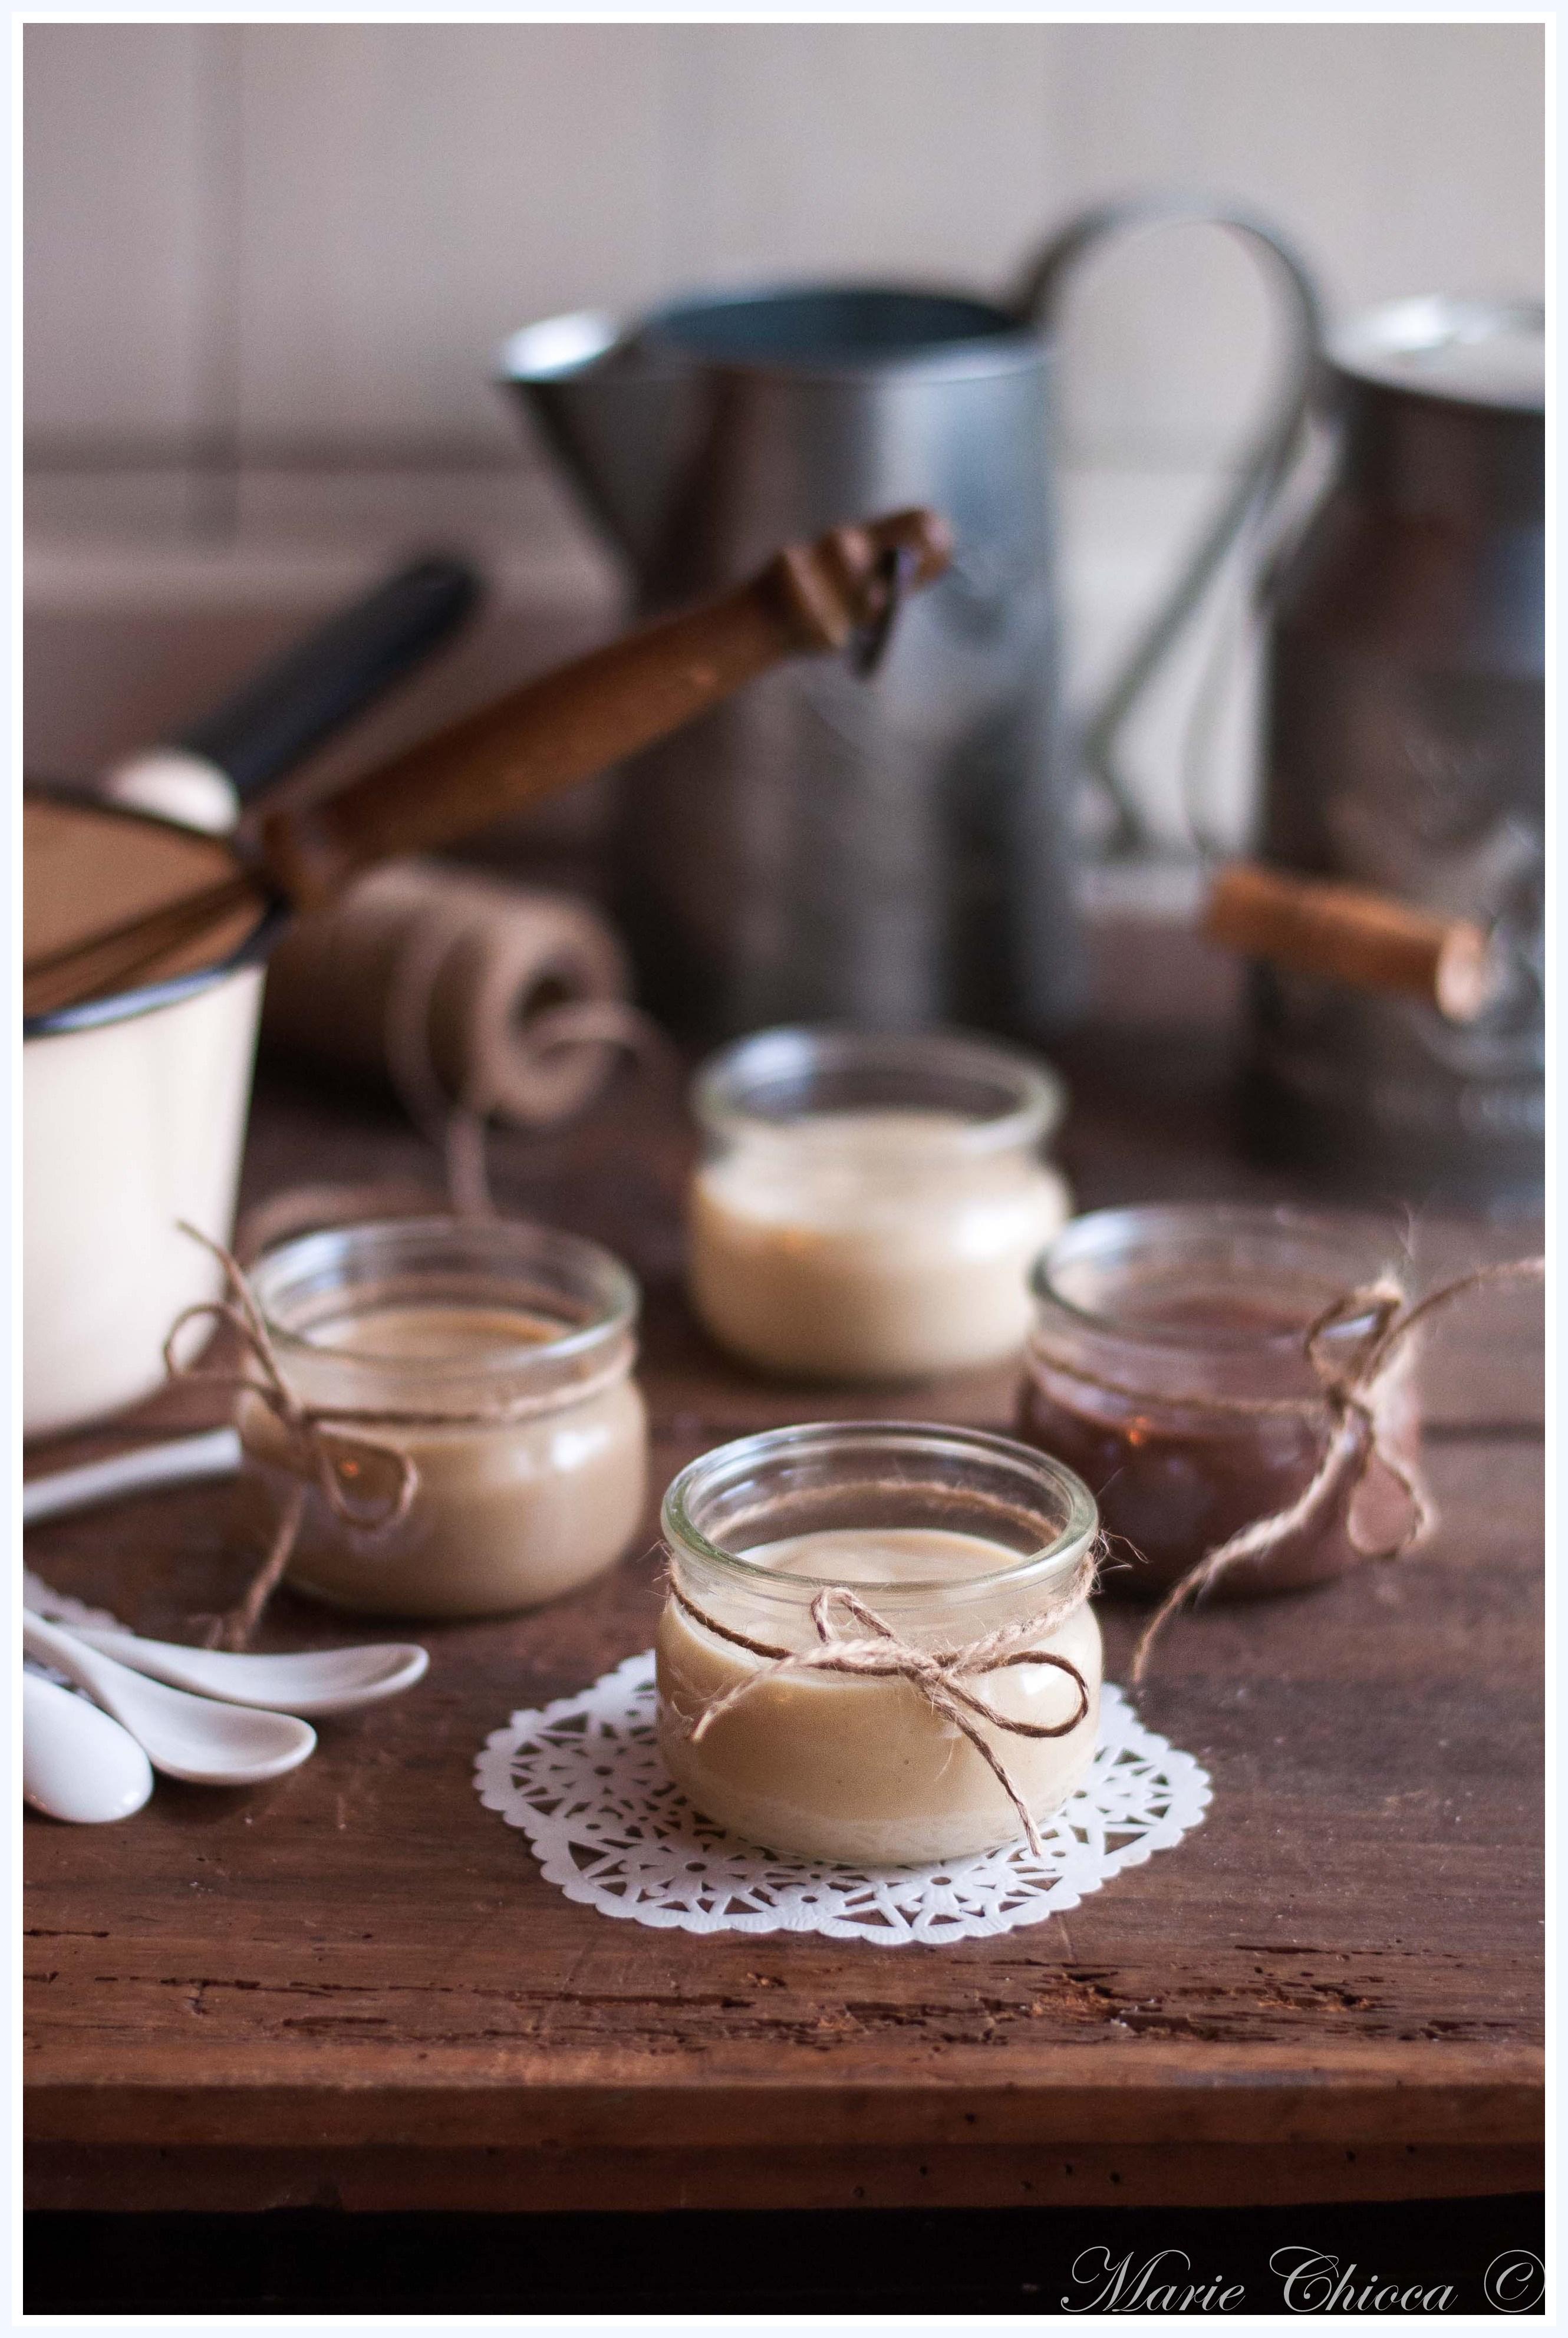 20 petits pots de crème dessert 2-2